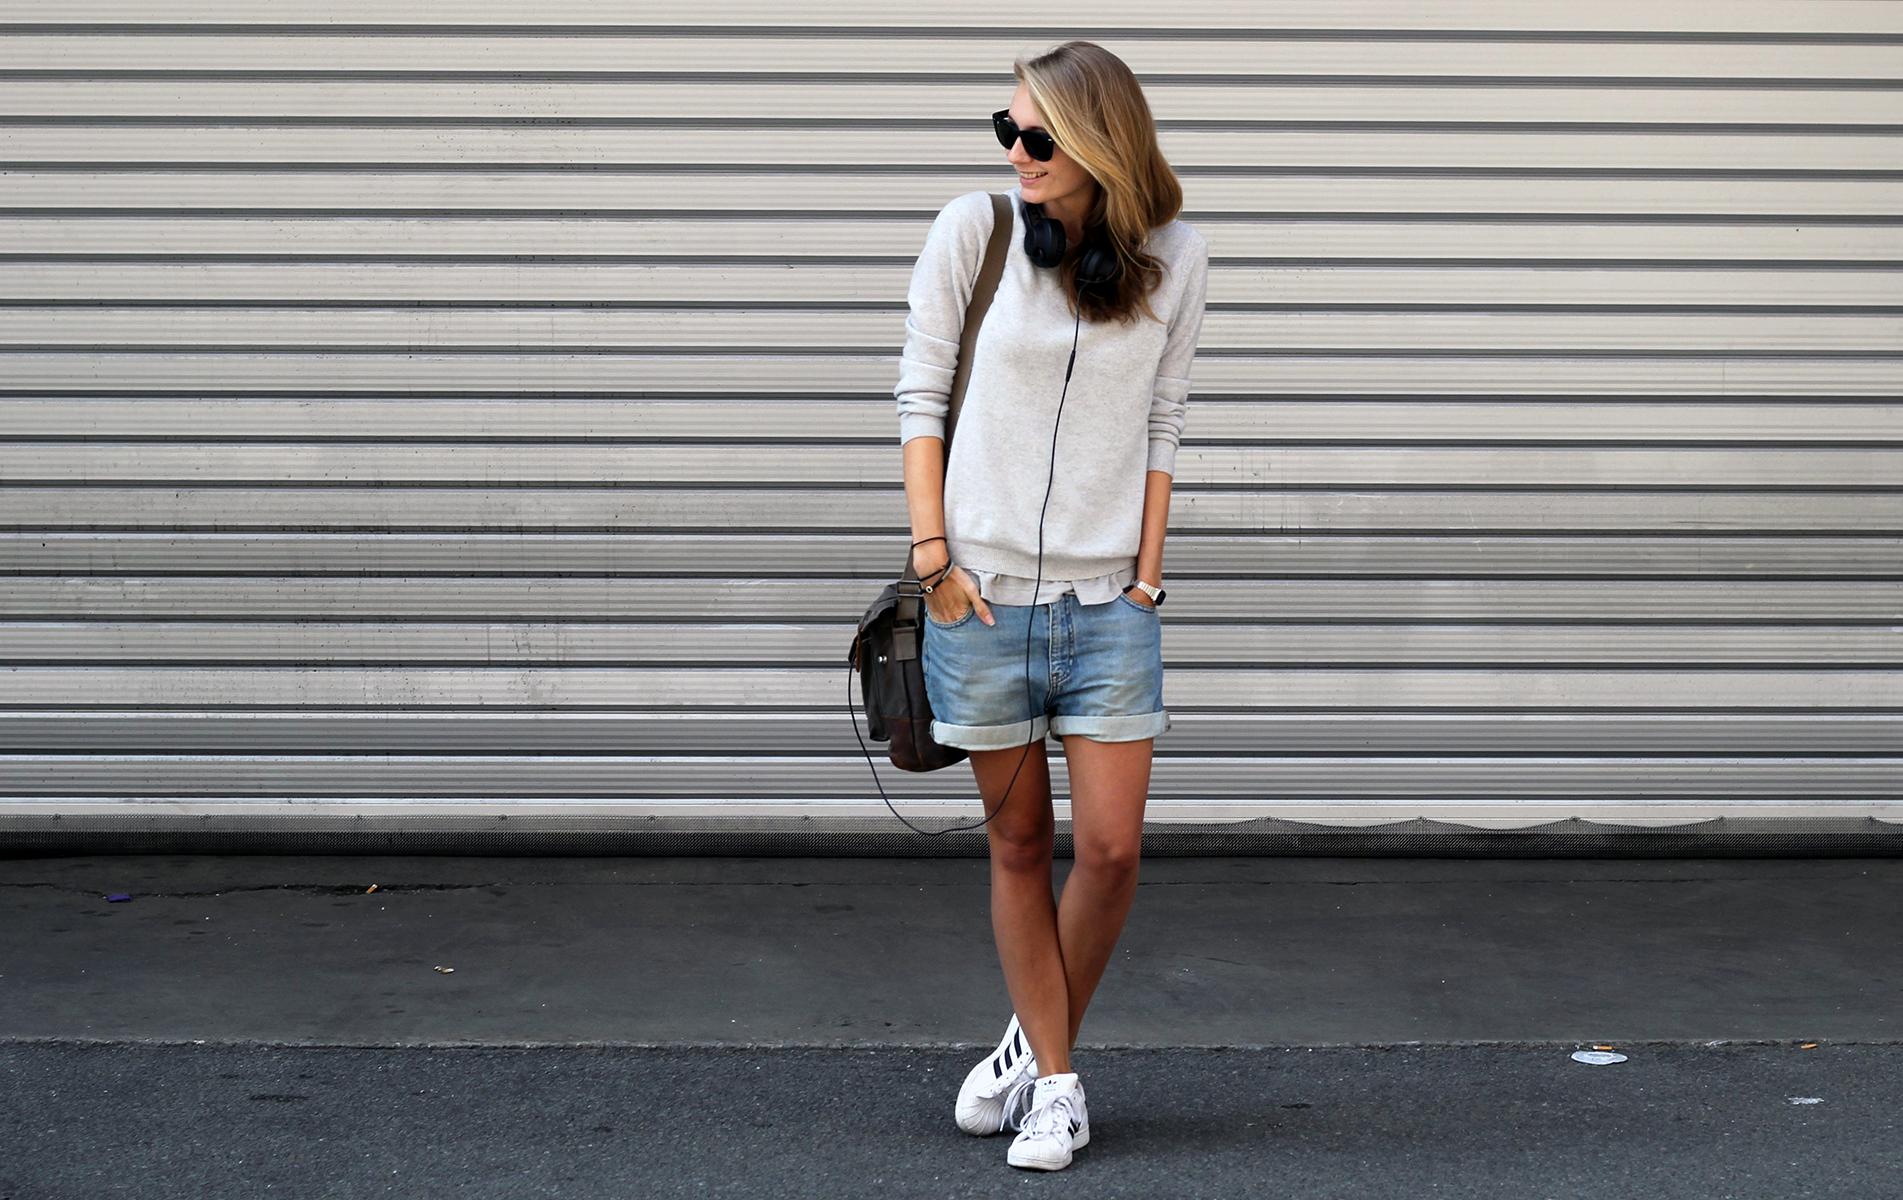 sunday attire III